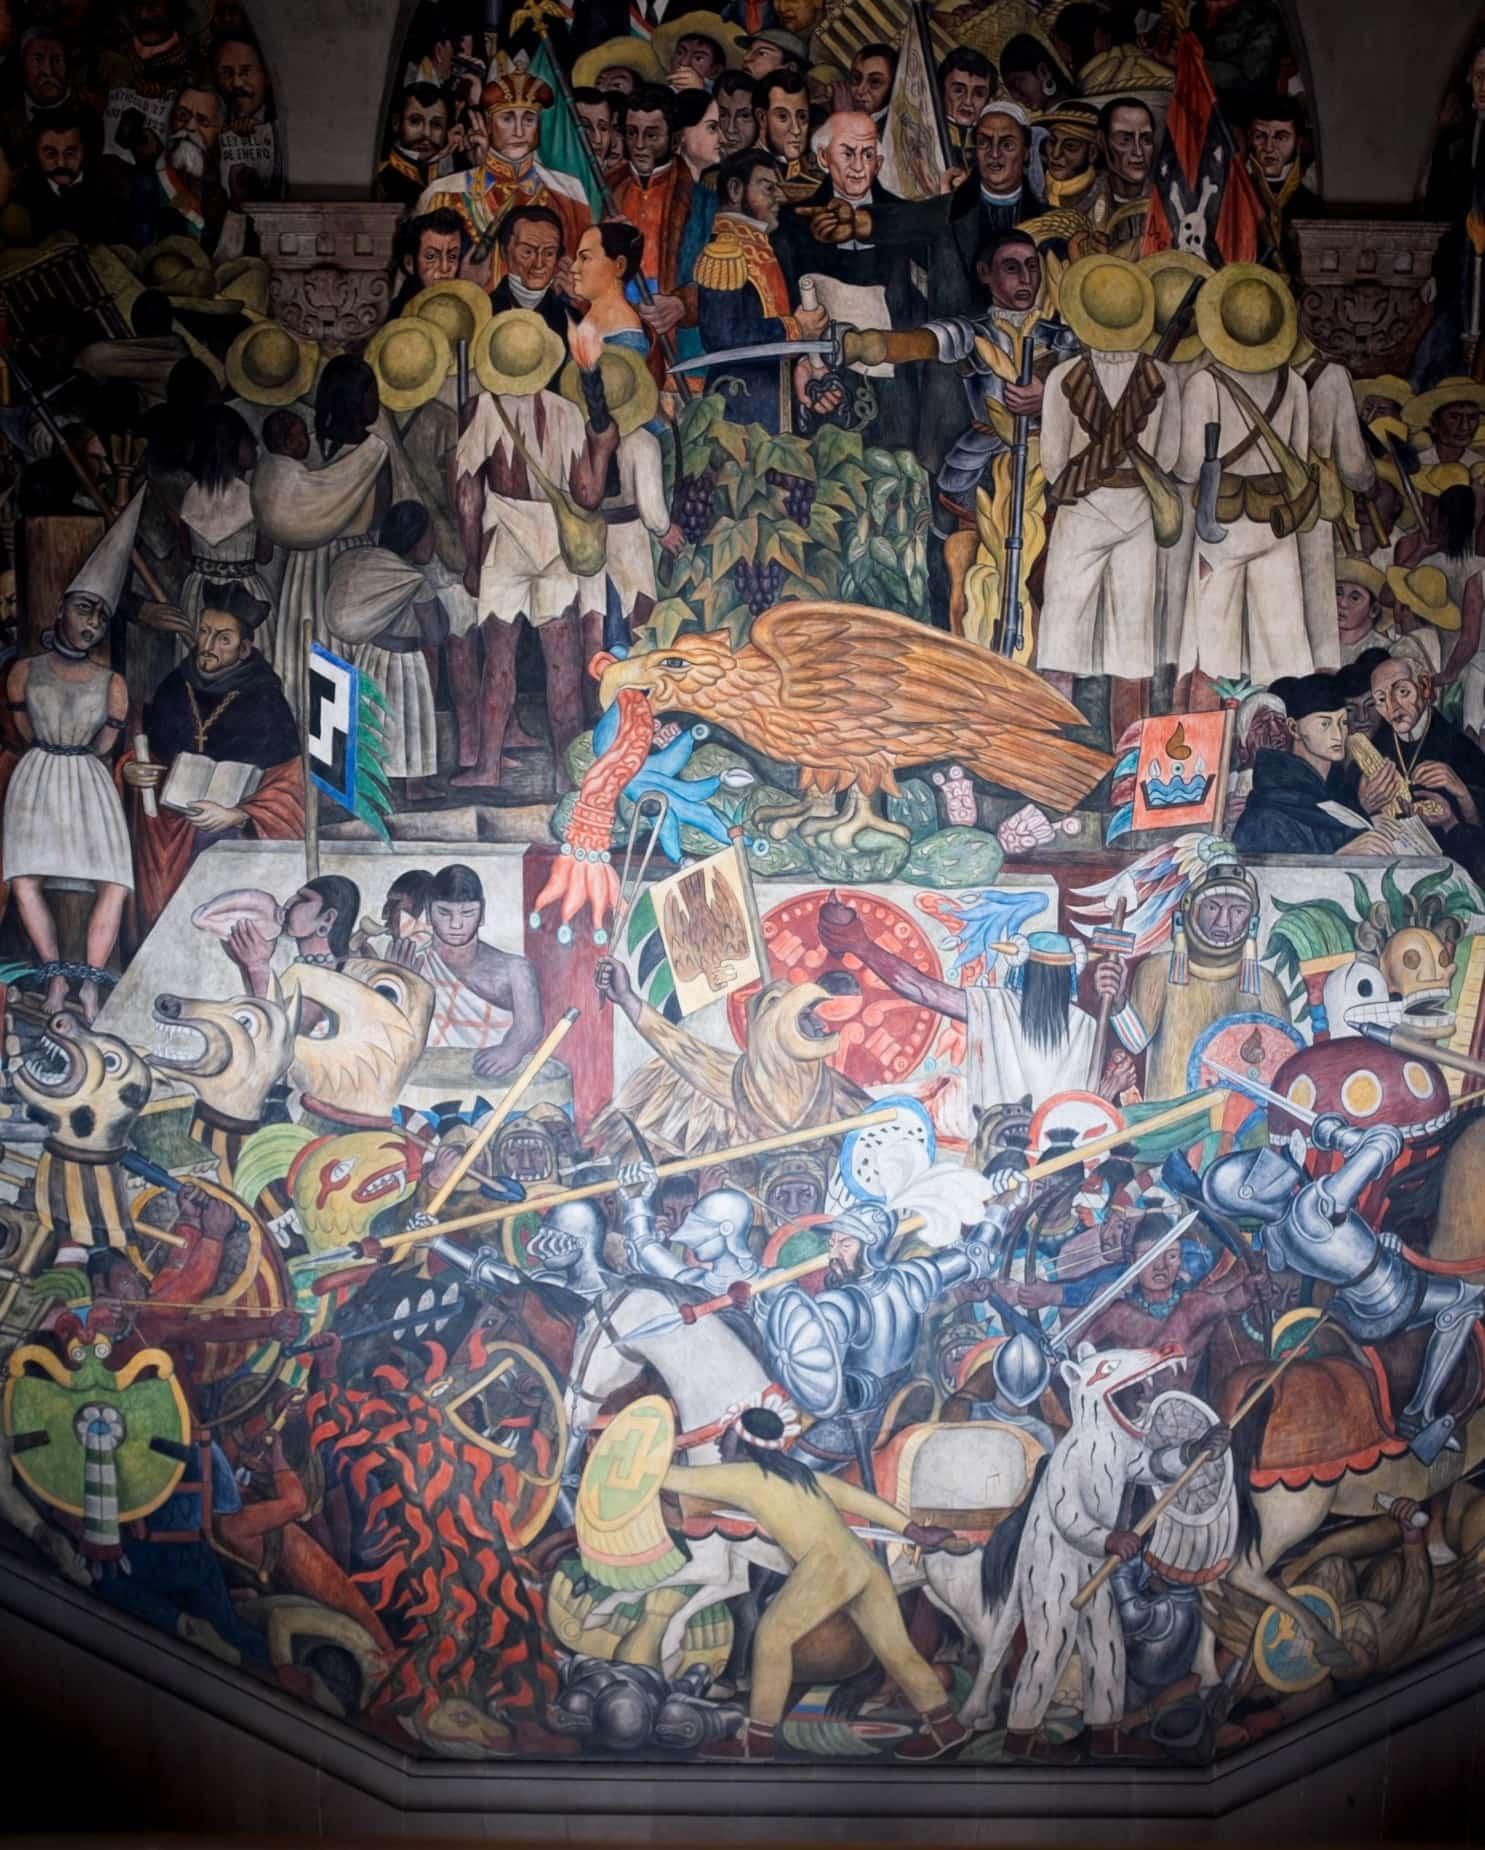 Buntes Wandgemälde mit unzähligen Menschen